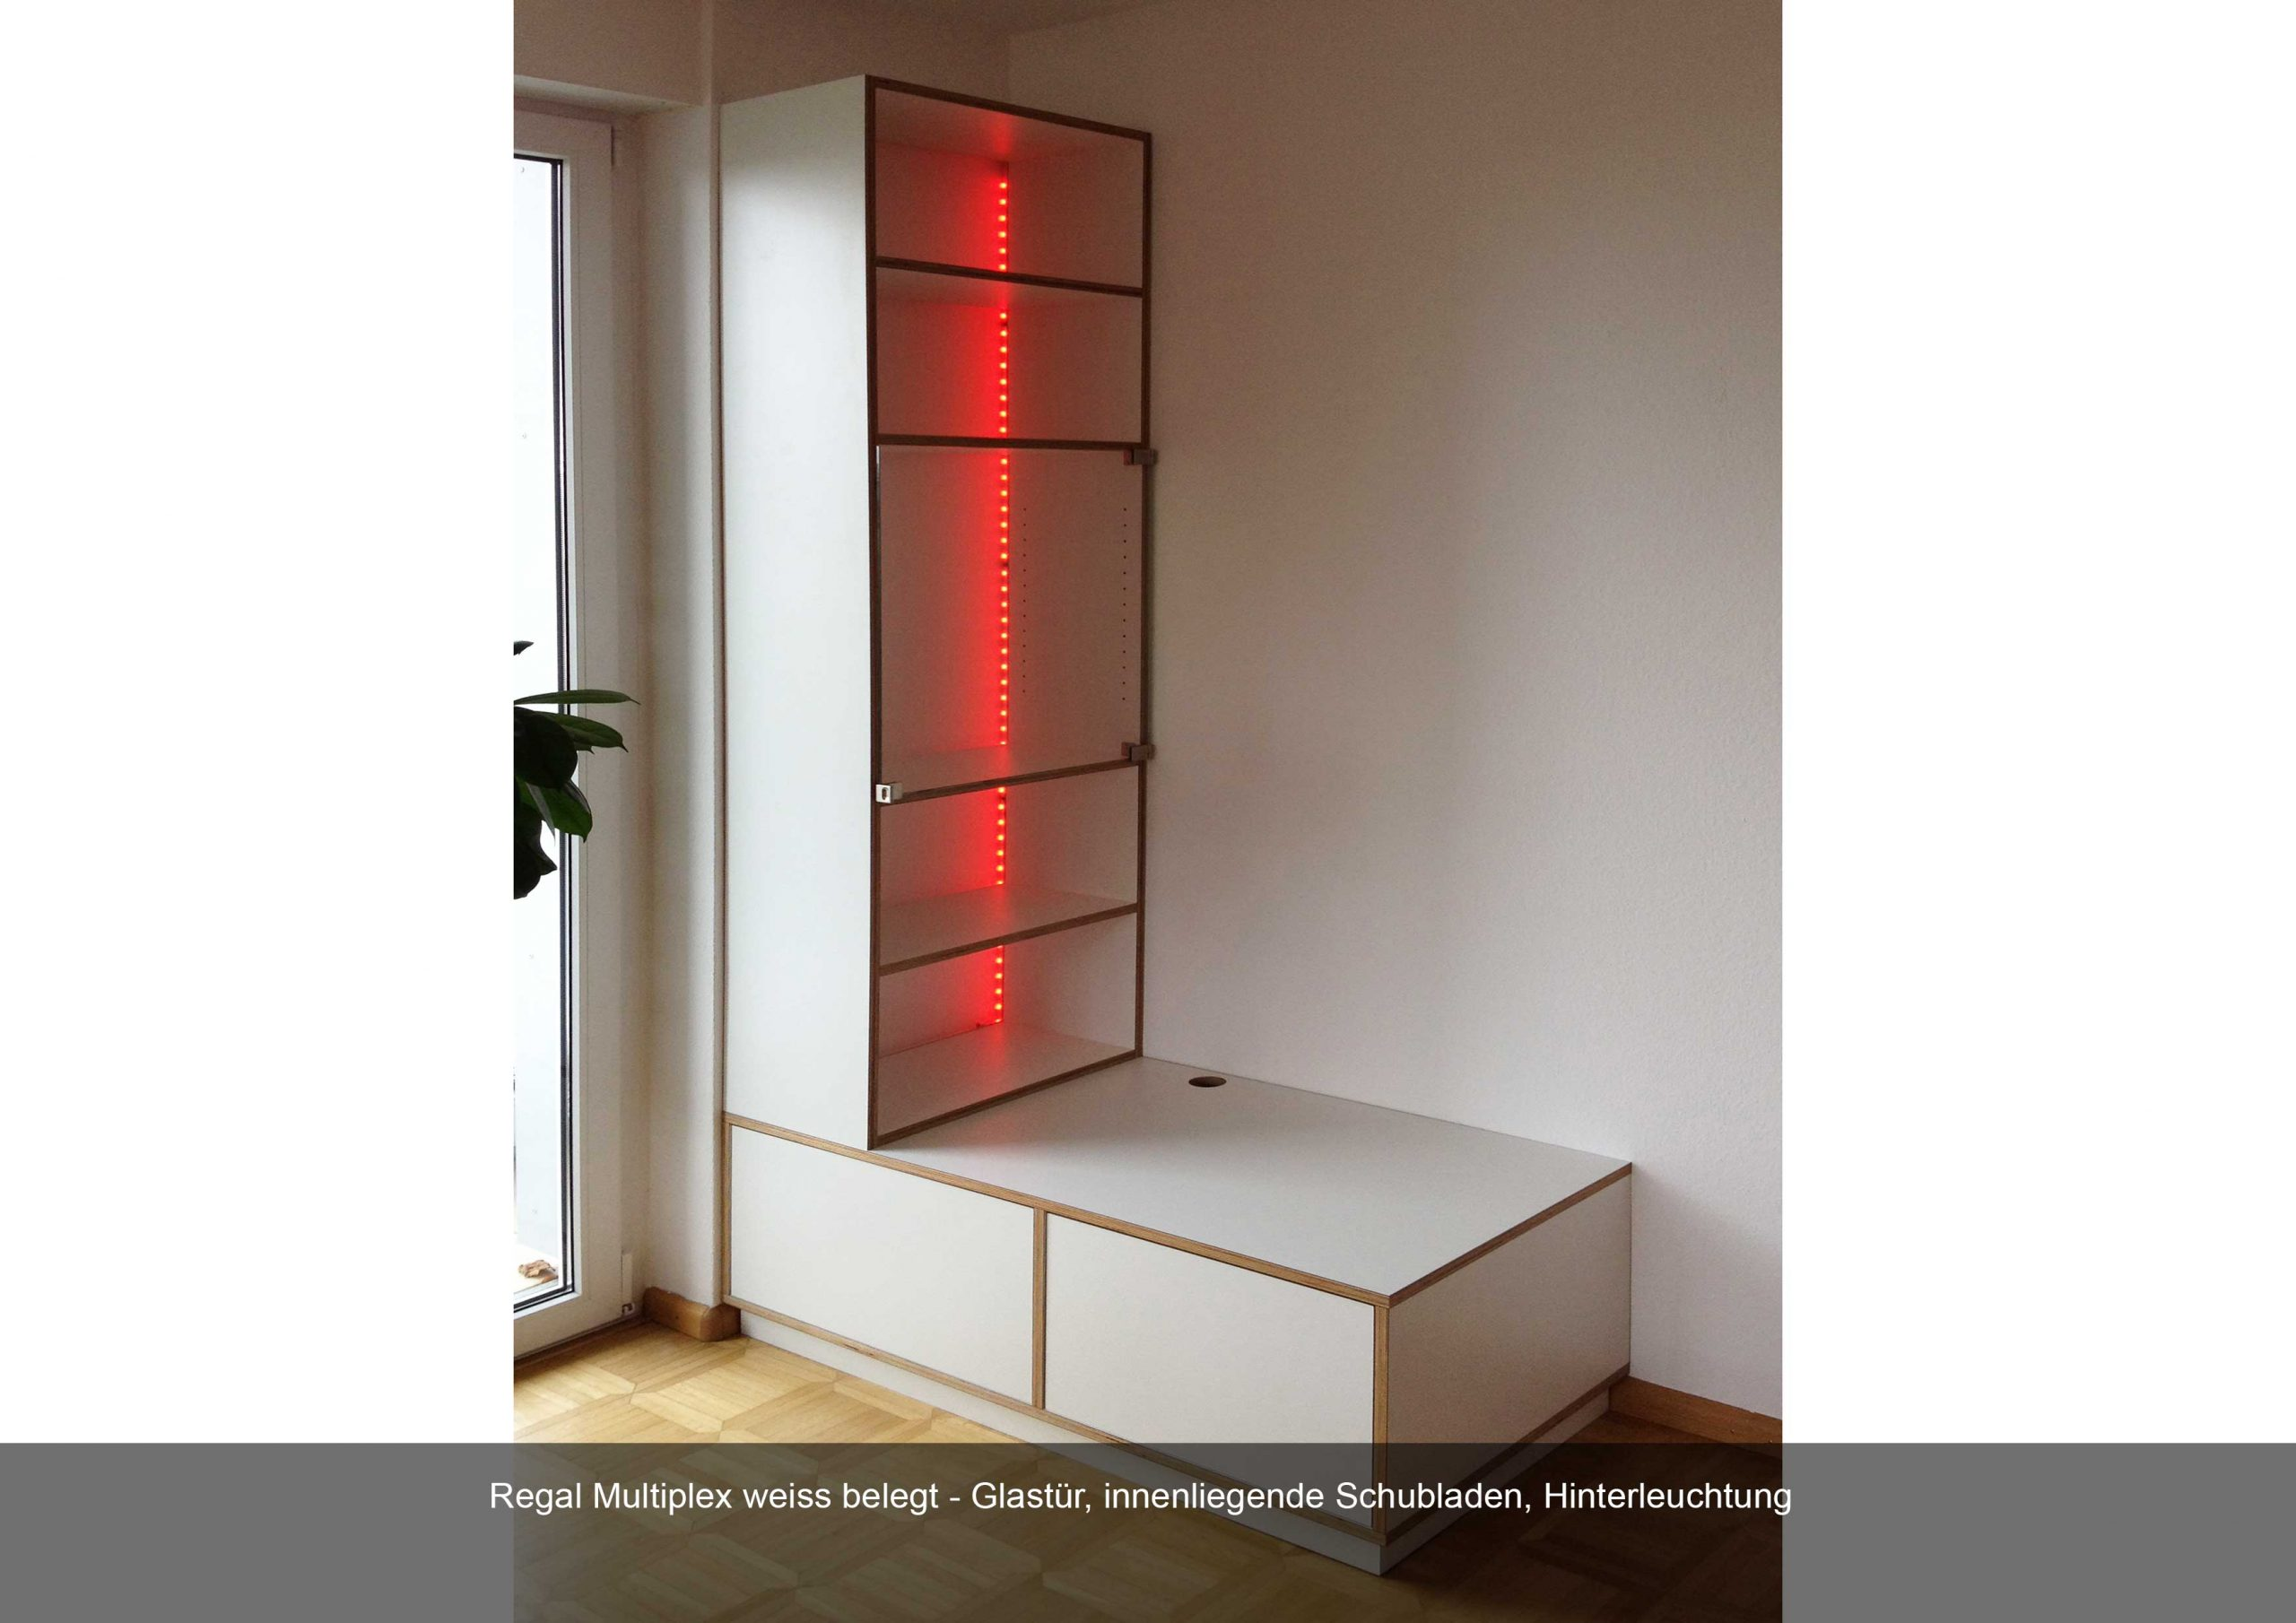 Regal Multiplex weiss Glastür Hintergrundbeleuchtung inneliegende Schubladen